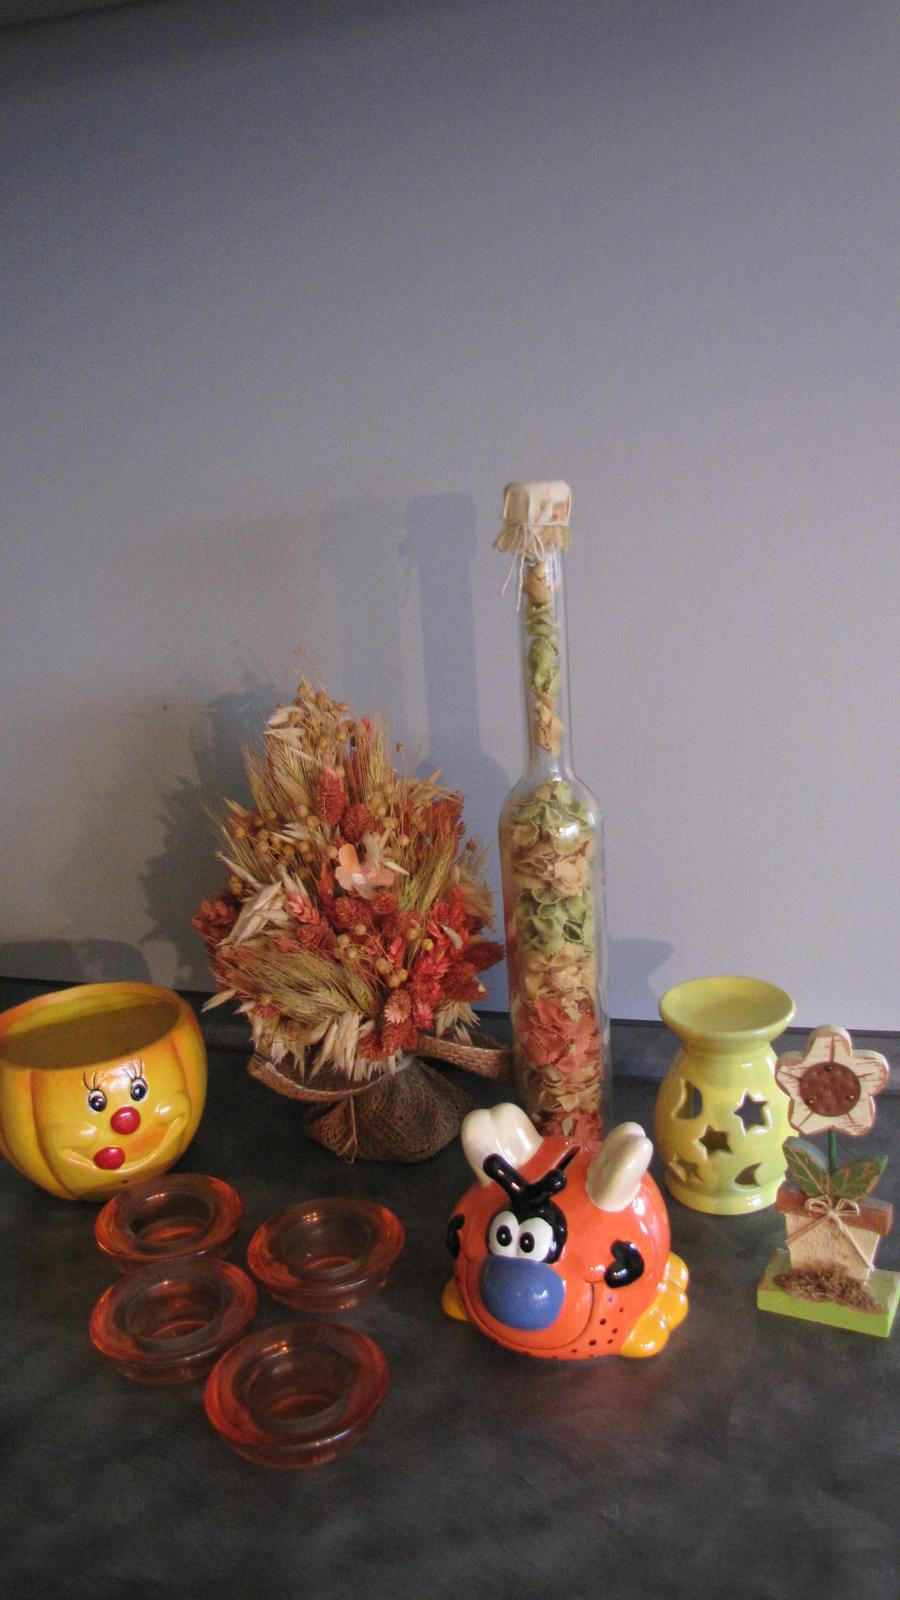 dekorácie - Obrázok č. 1